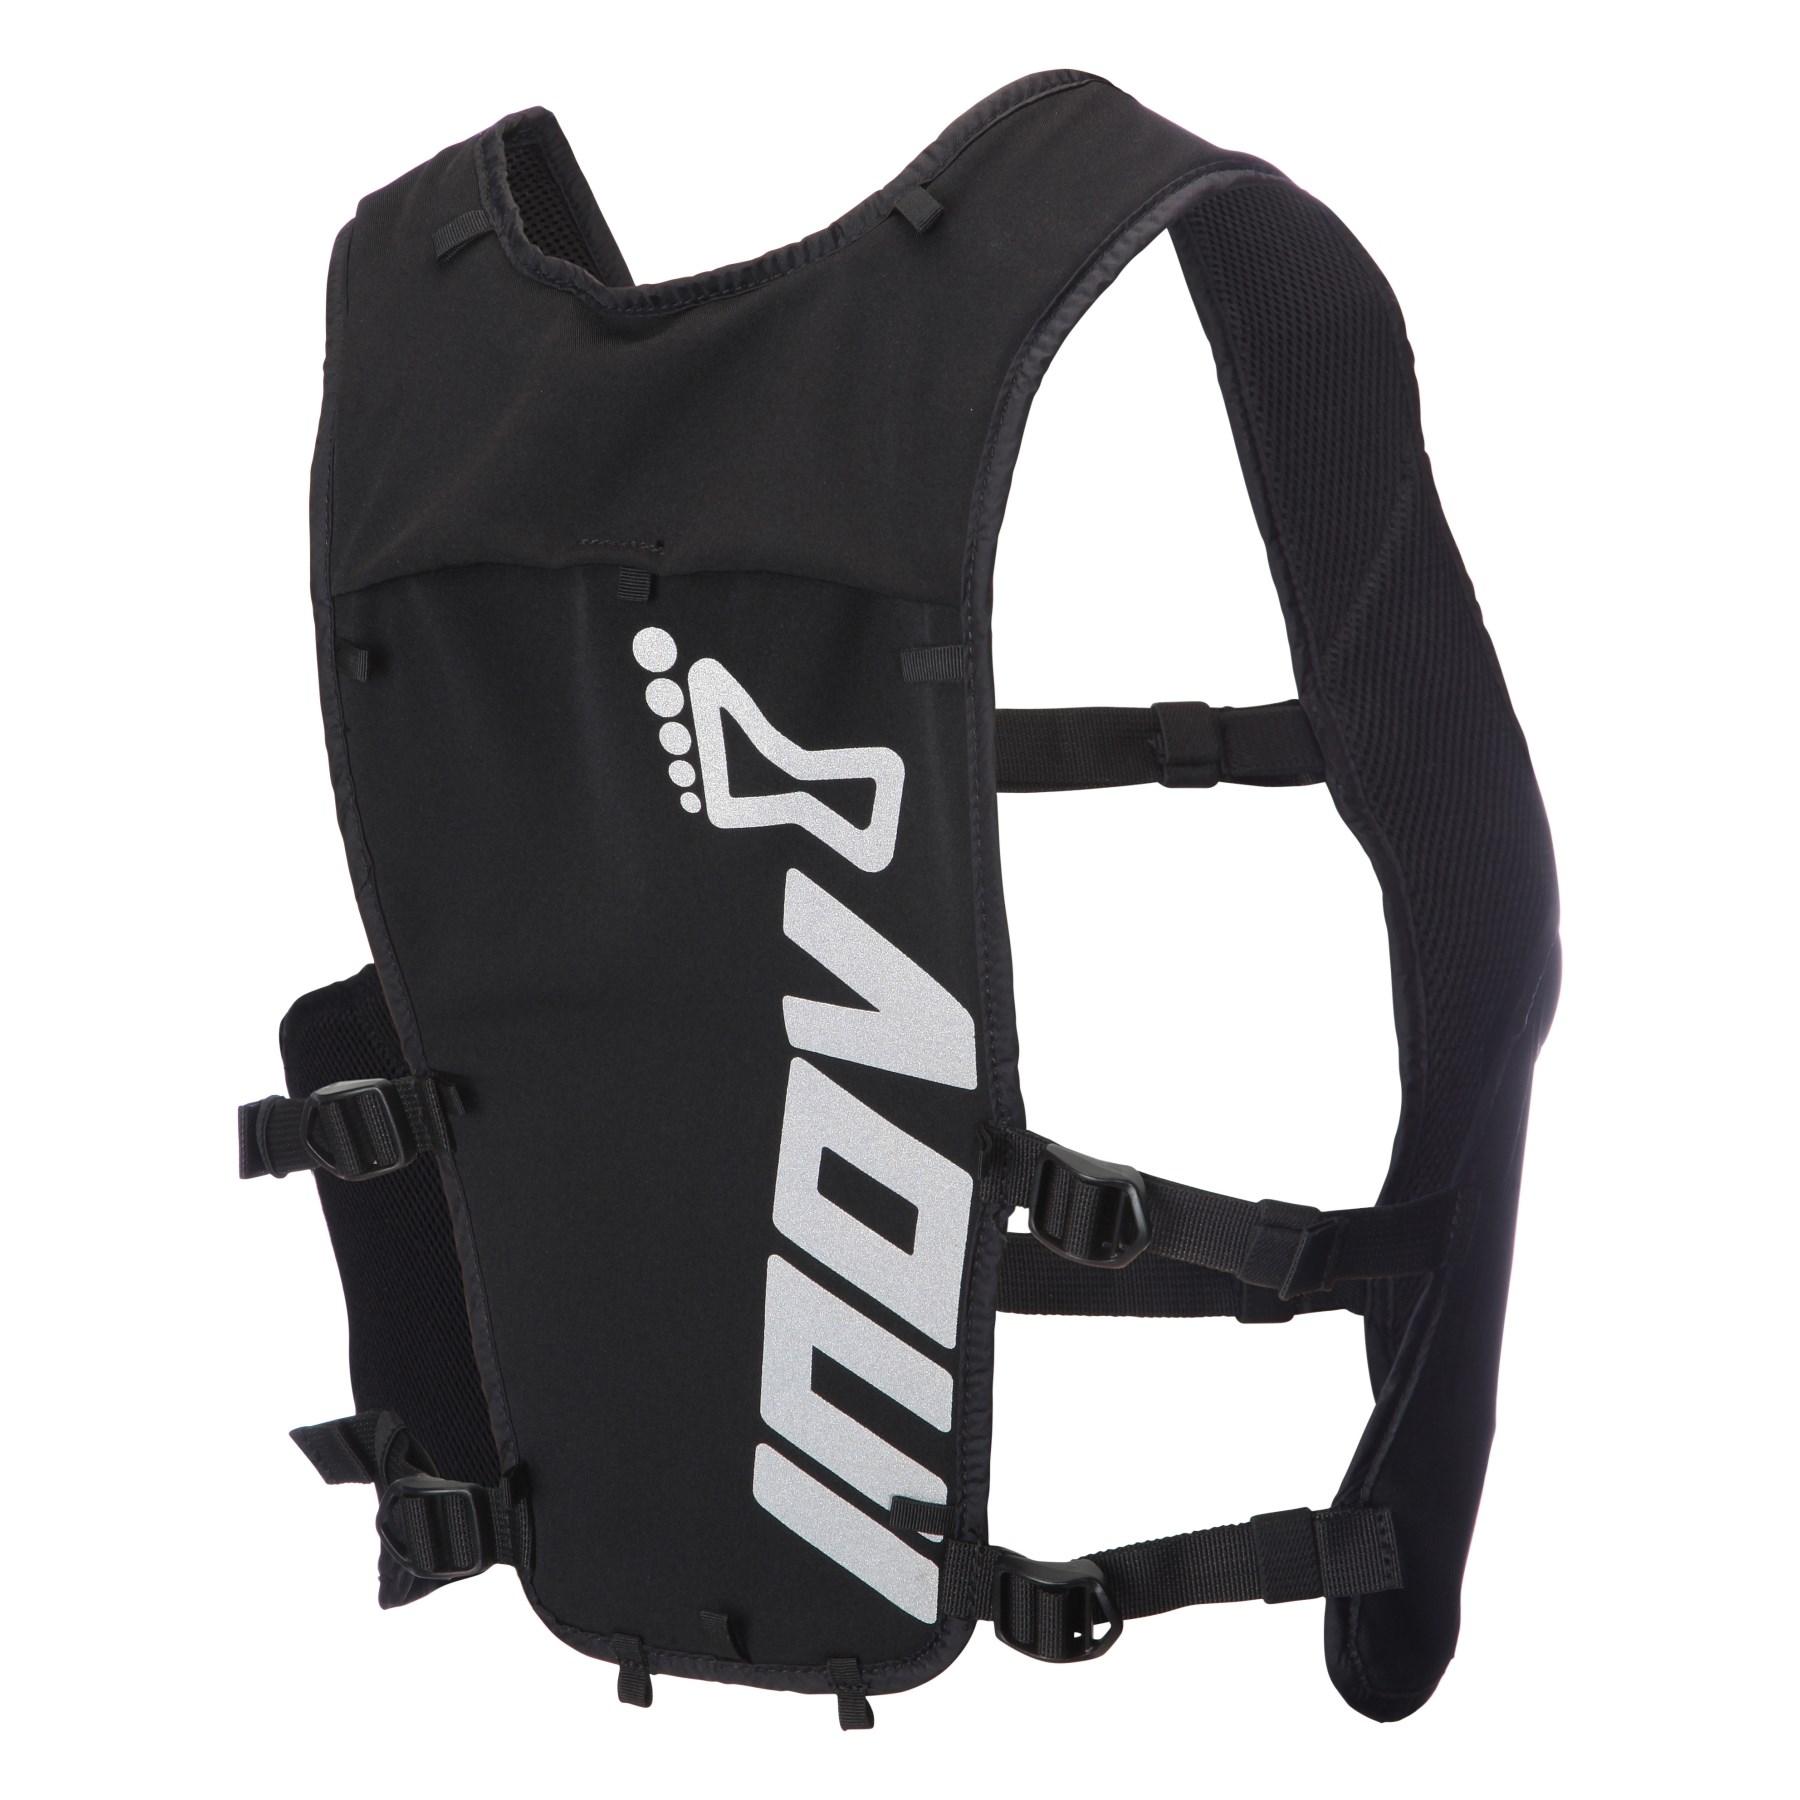 687a263af0 Inov-8 Race Elite Vest | Black